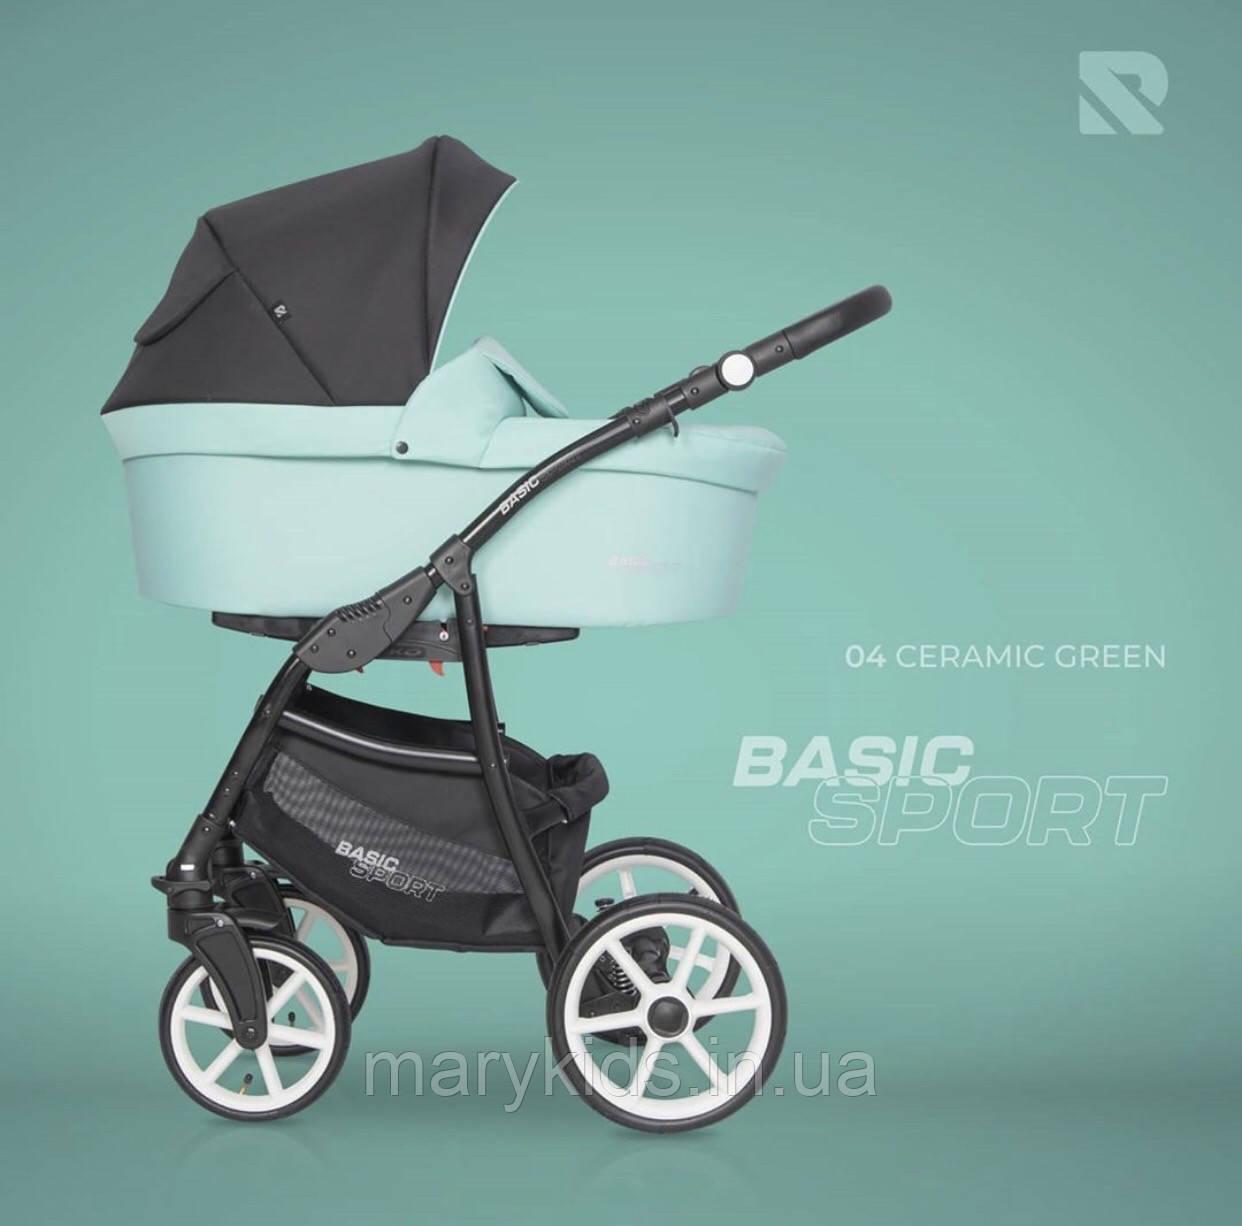 Дитяча універсальна коляска 2 в 1 Riko Basic Sport 04 Green Ceramic